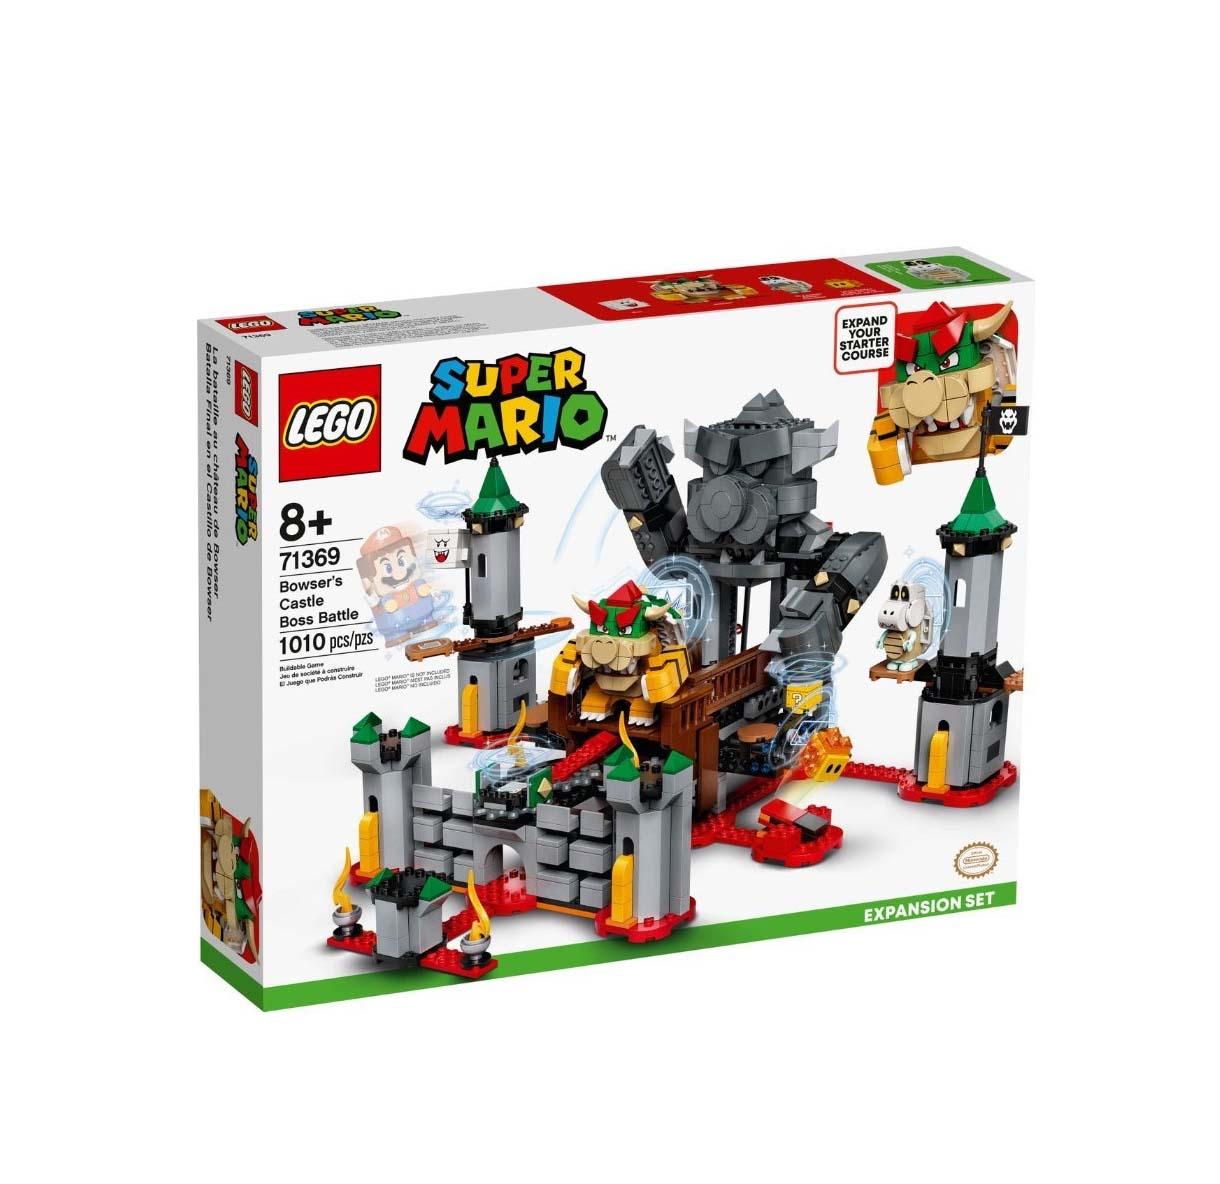 Lego Super Mario: Bowser's Castle Boss Battle 71369